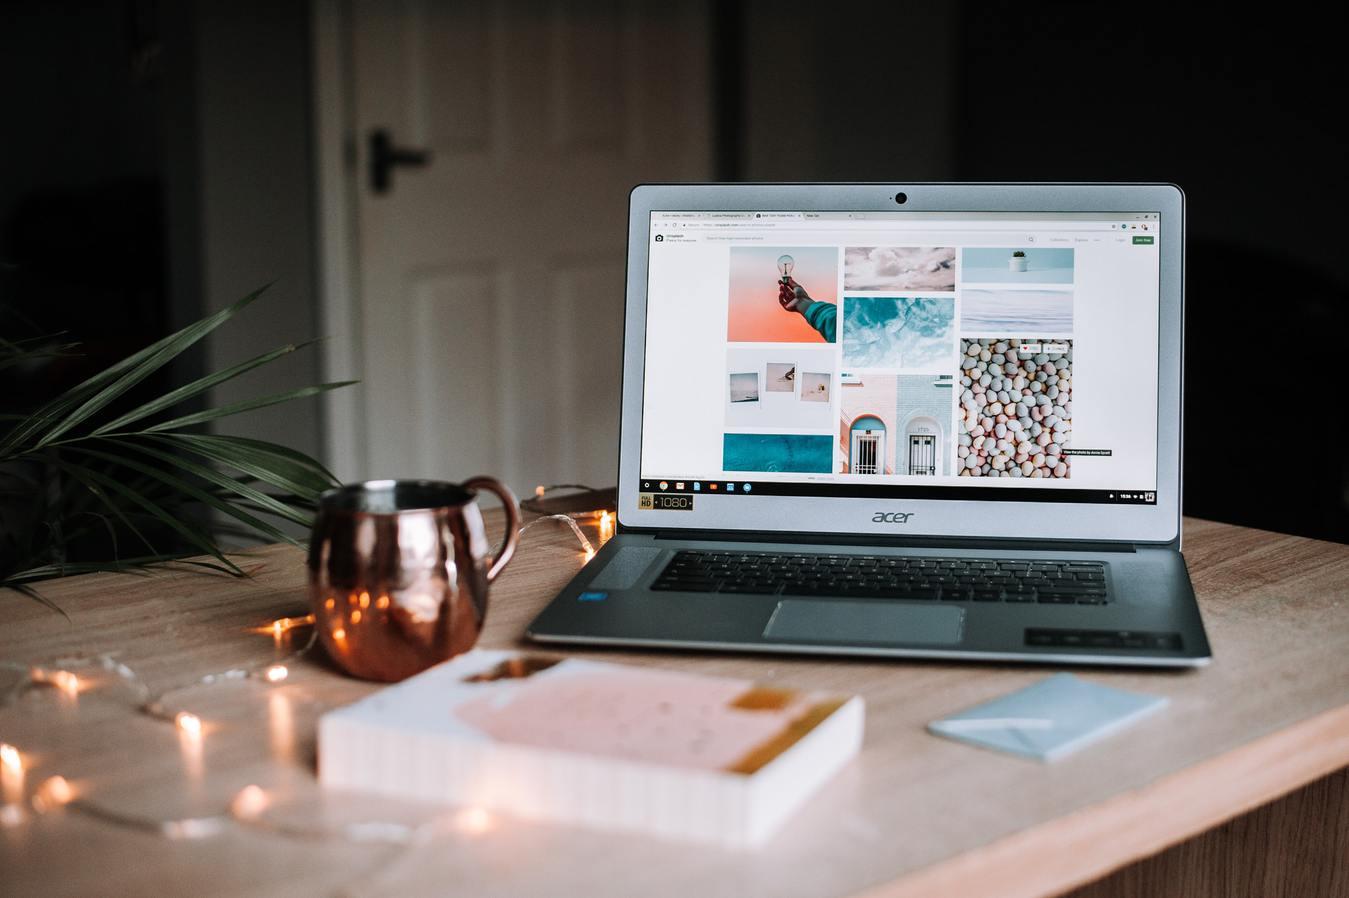 Sito web mostrato su un laptop seduto su una scrivania con lucernari